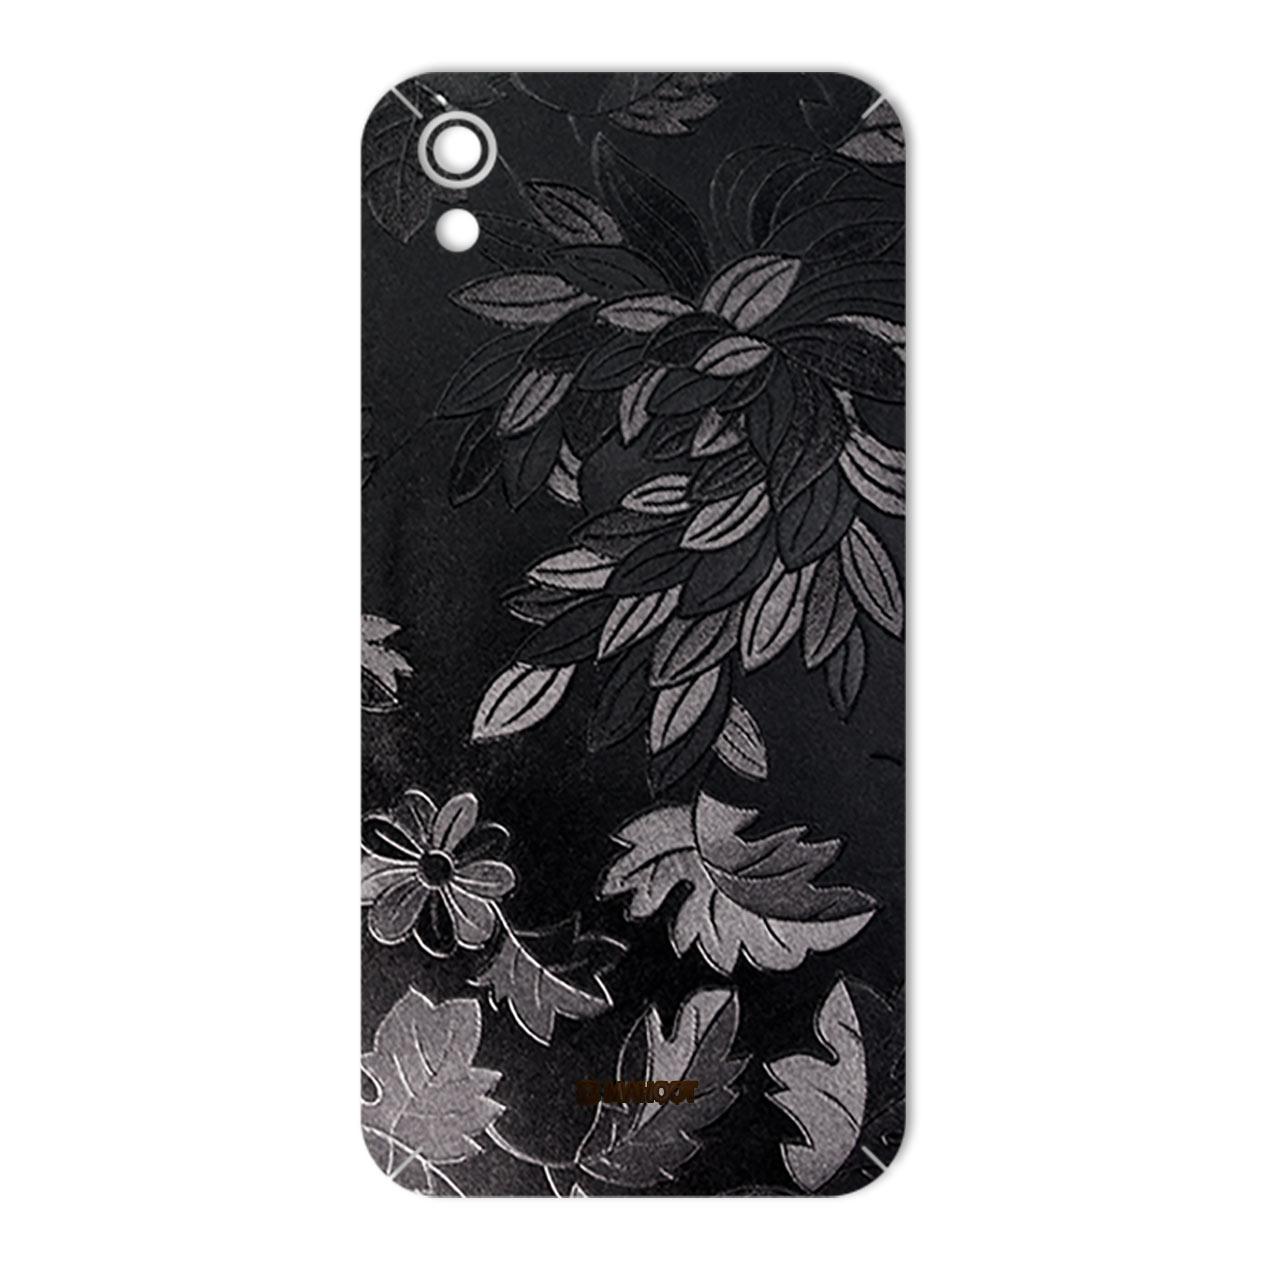 برچسب پوششی ماهوت مدل Wild-Flower مناسب برای گوشی موبایل آنر  8S